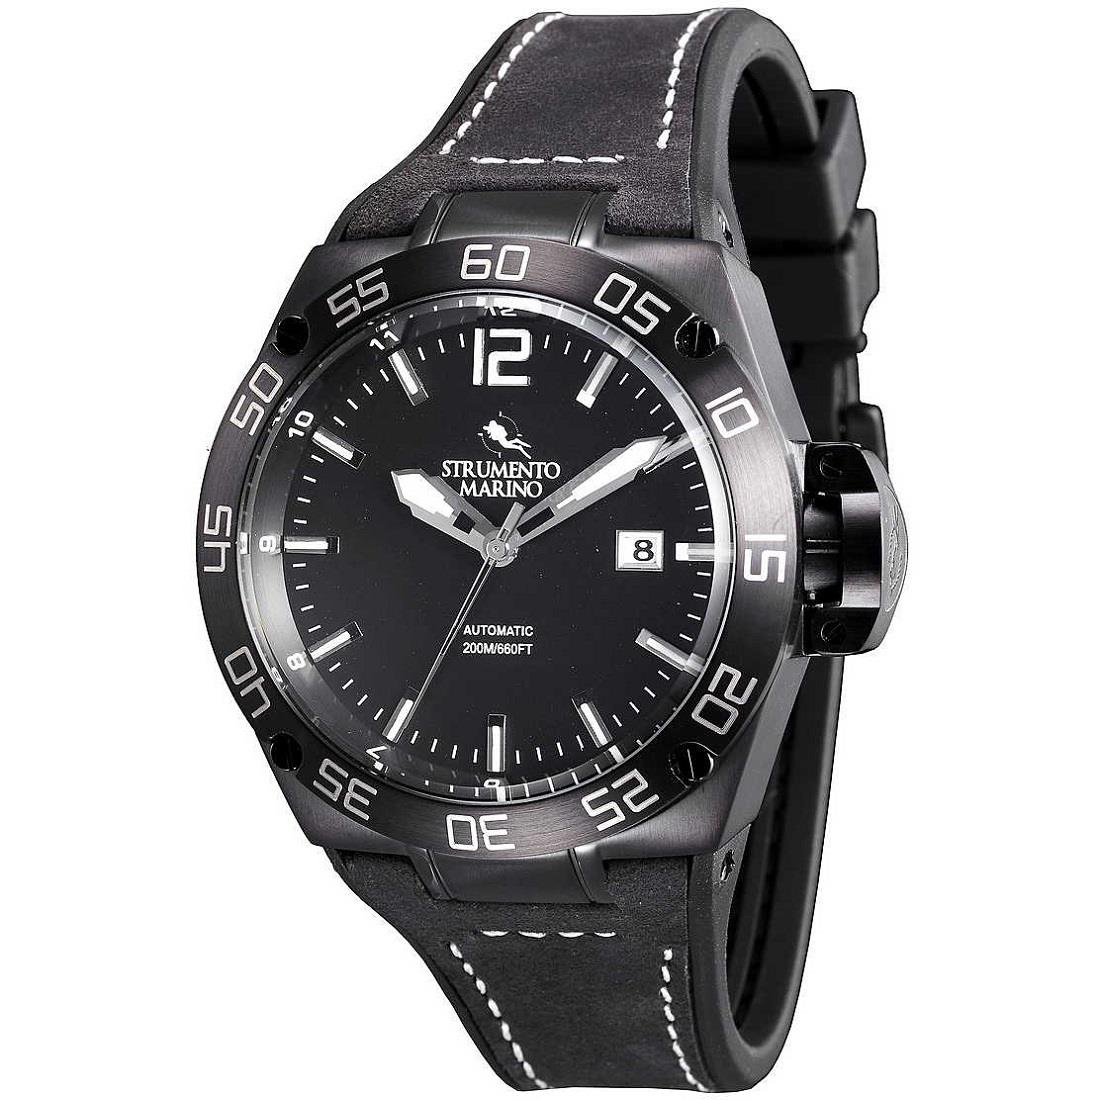 Reloj con caja de 45 mm - STRUMENTO MARINO